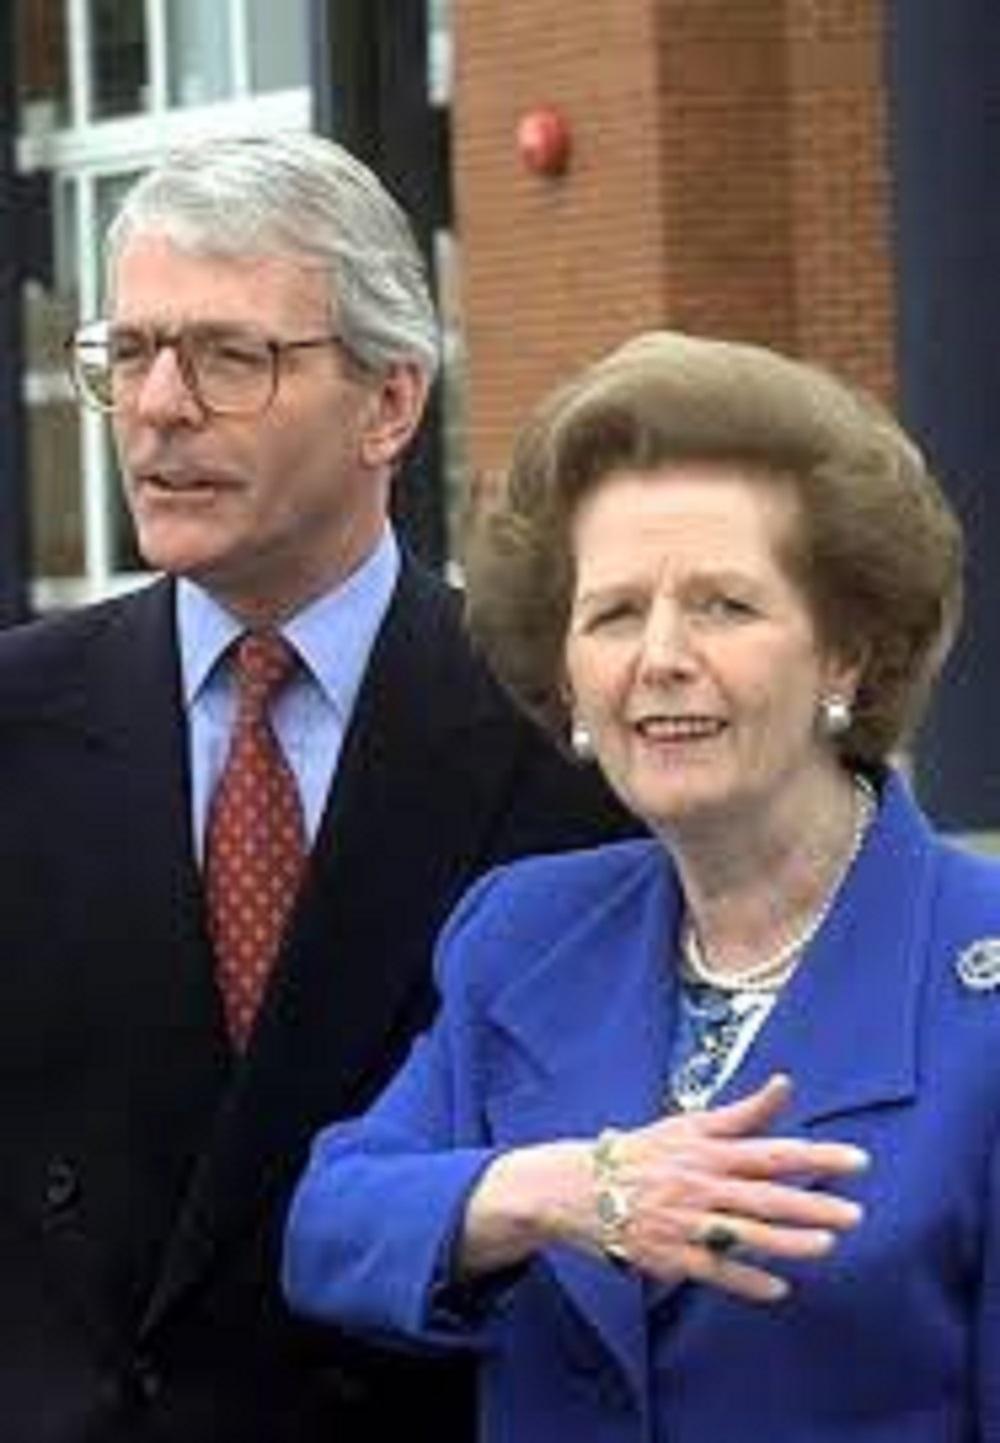 Major e Margaret Thatcher